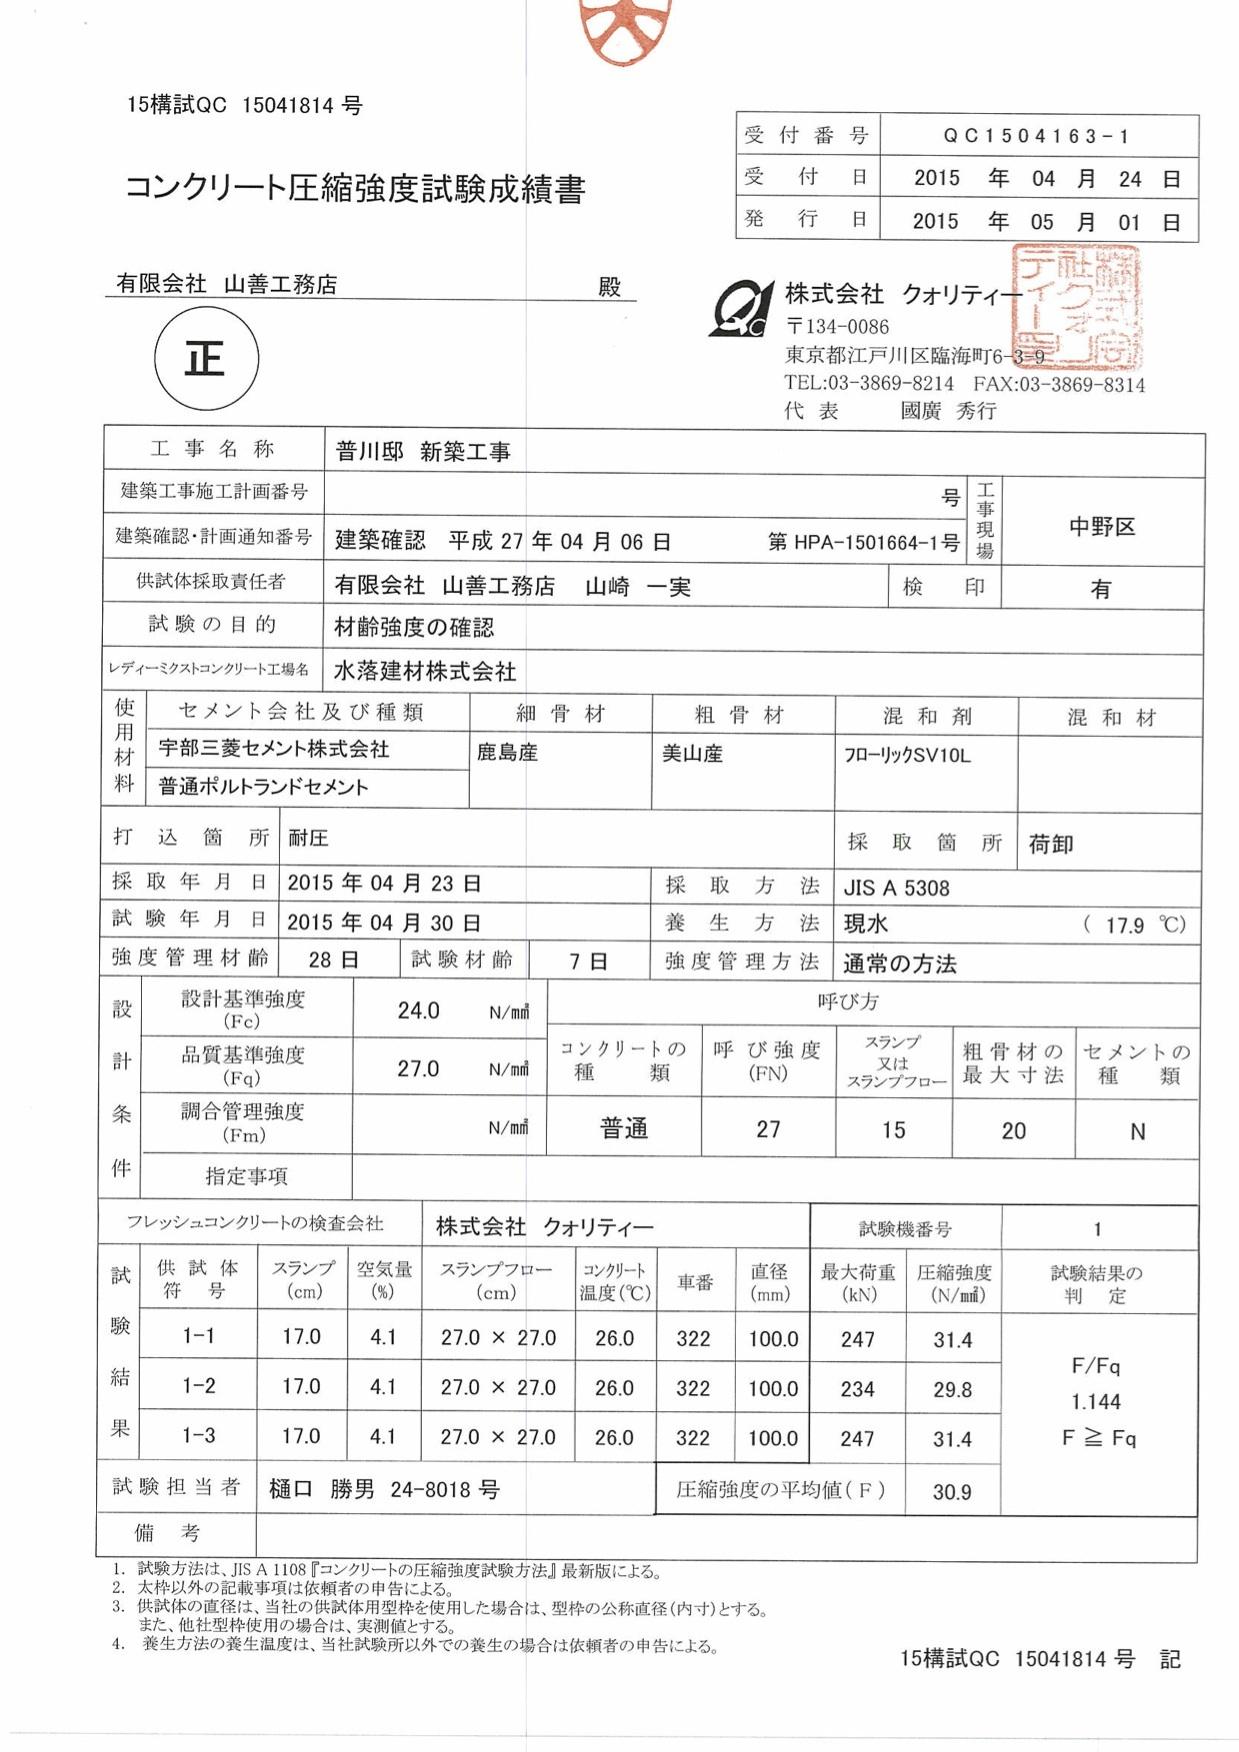 中野富士見町の家:コンクリート強度_e0054299_10574371.jpg